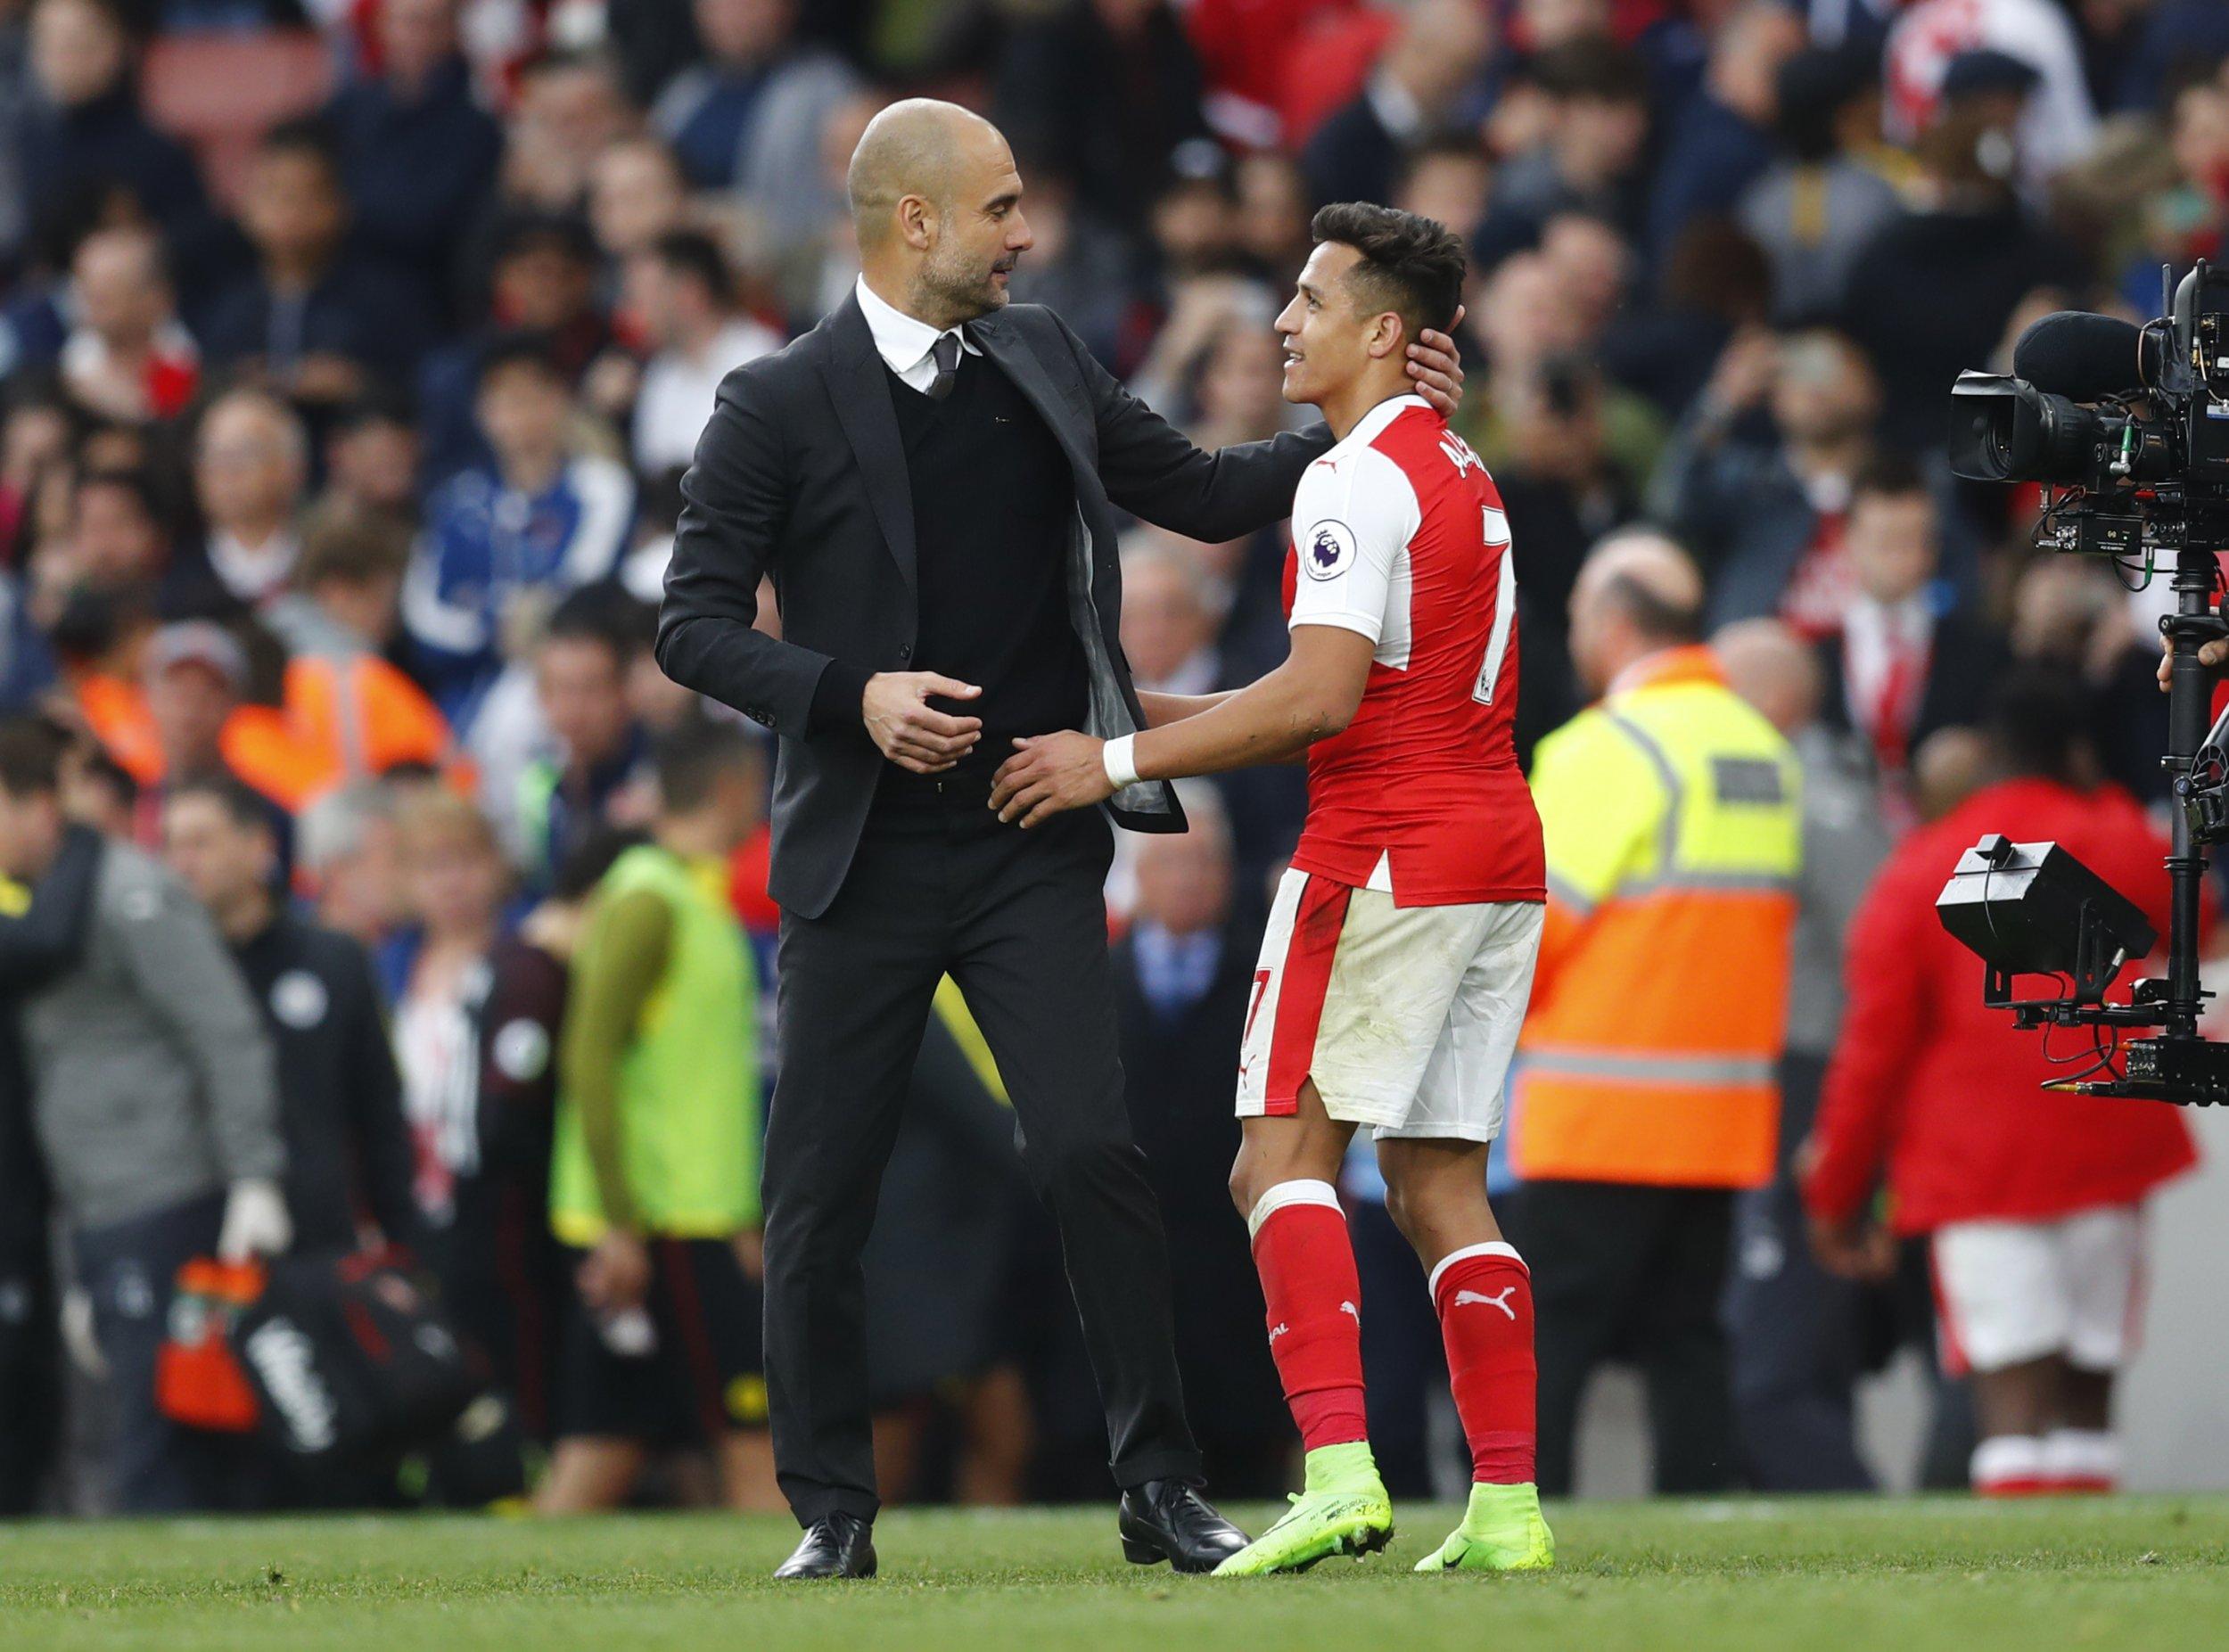 Guardiola and Sanchez